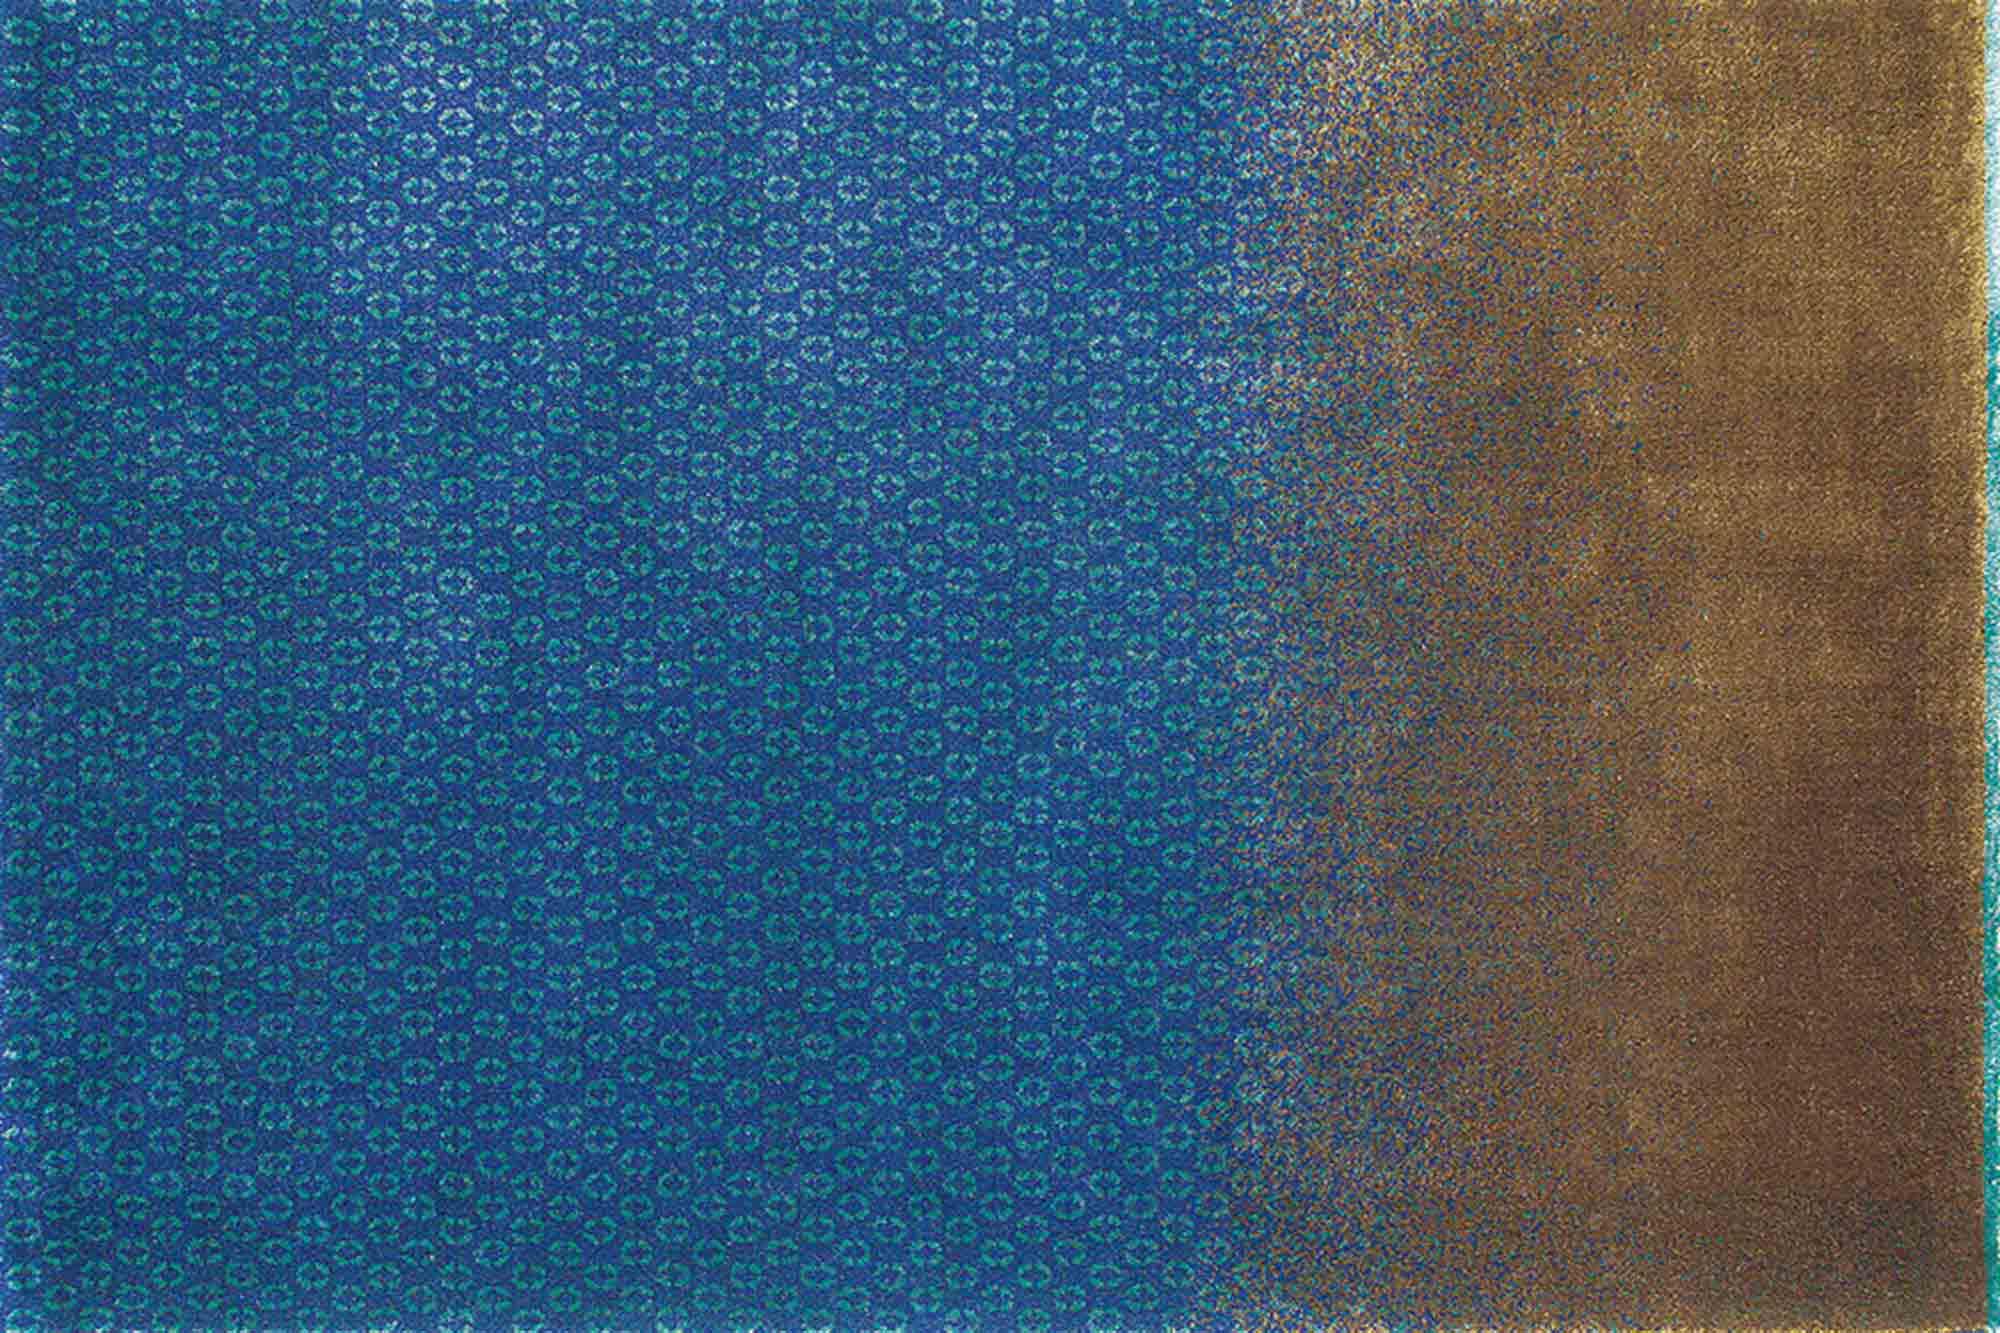 Χαλί Dipgeo Blue 58408 Ted Baker 200X300